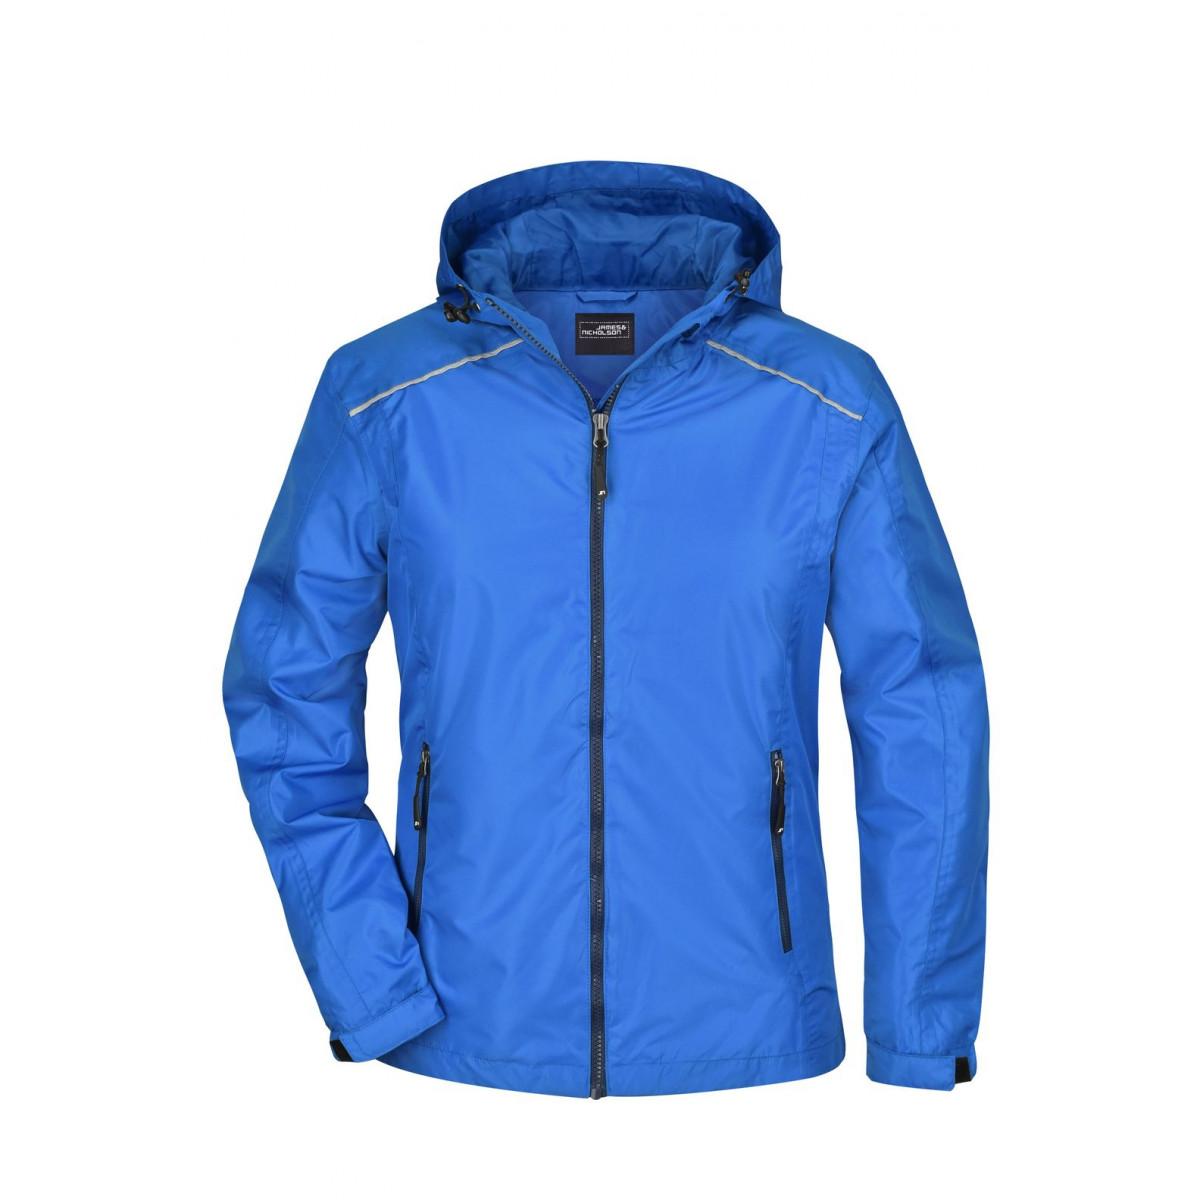 Куртка женская JN1117 Ladies Rain Jacket - Ярко-синий/Темно-синий